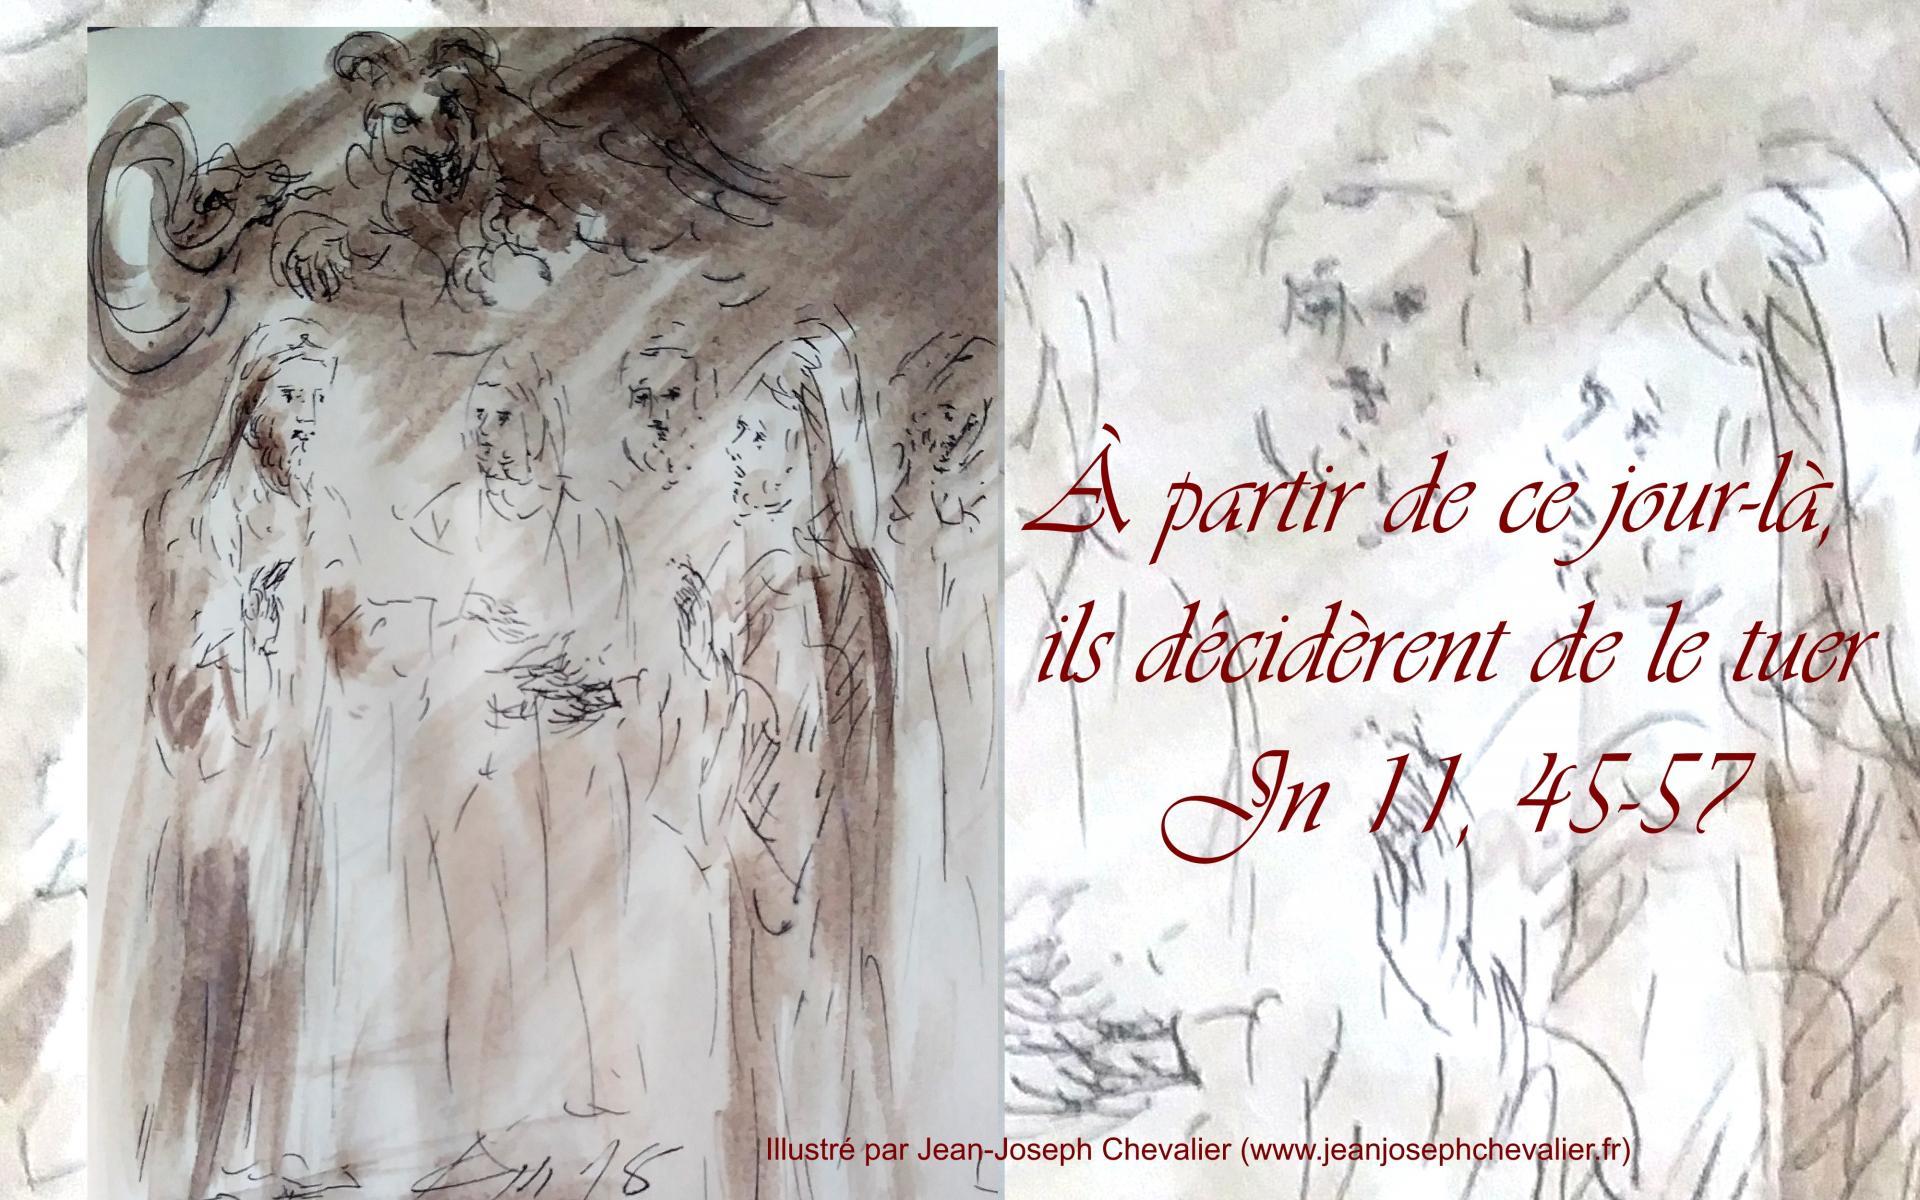 24 mars 2018 evangile du jour illustre par un dessin au lavis de jean joseph chevalier image 1